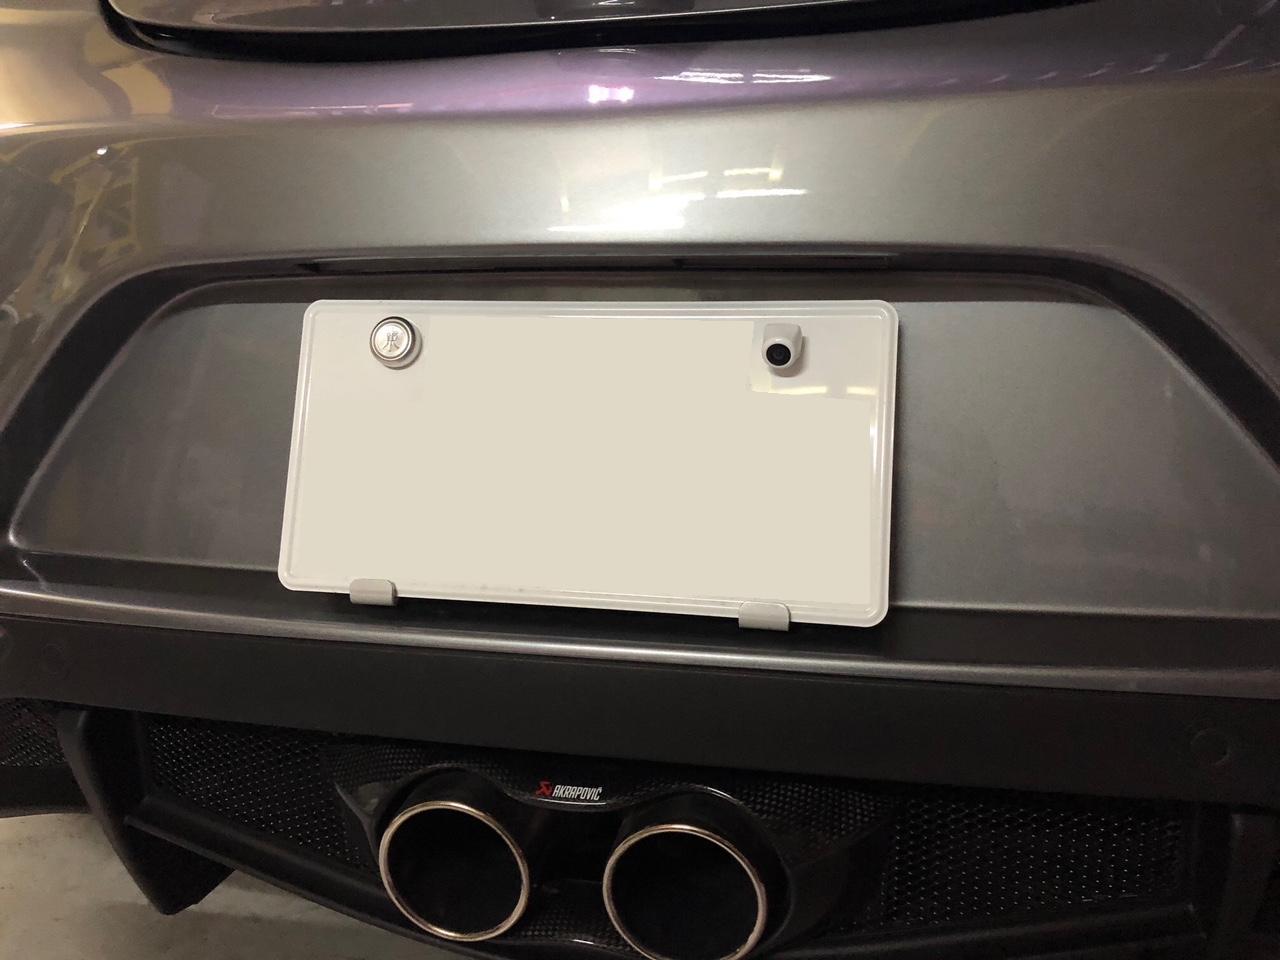 アルファロメオ 4C 常時点灯ルームミラーモニターお取付でクリアな後方視界に! (2)